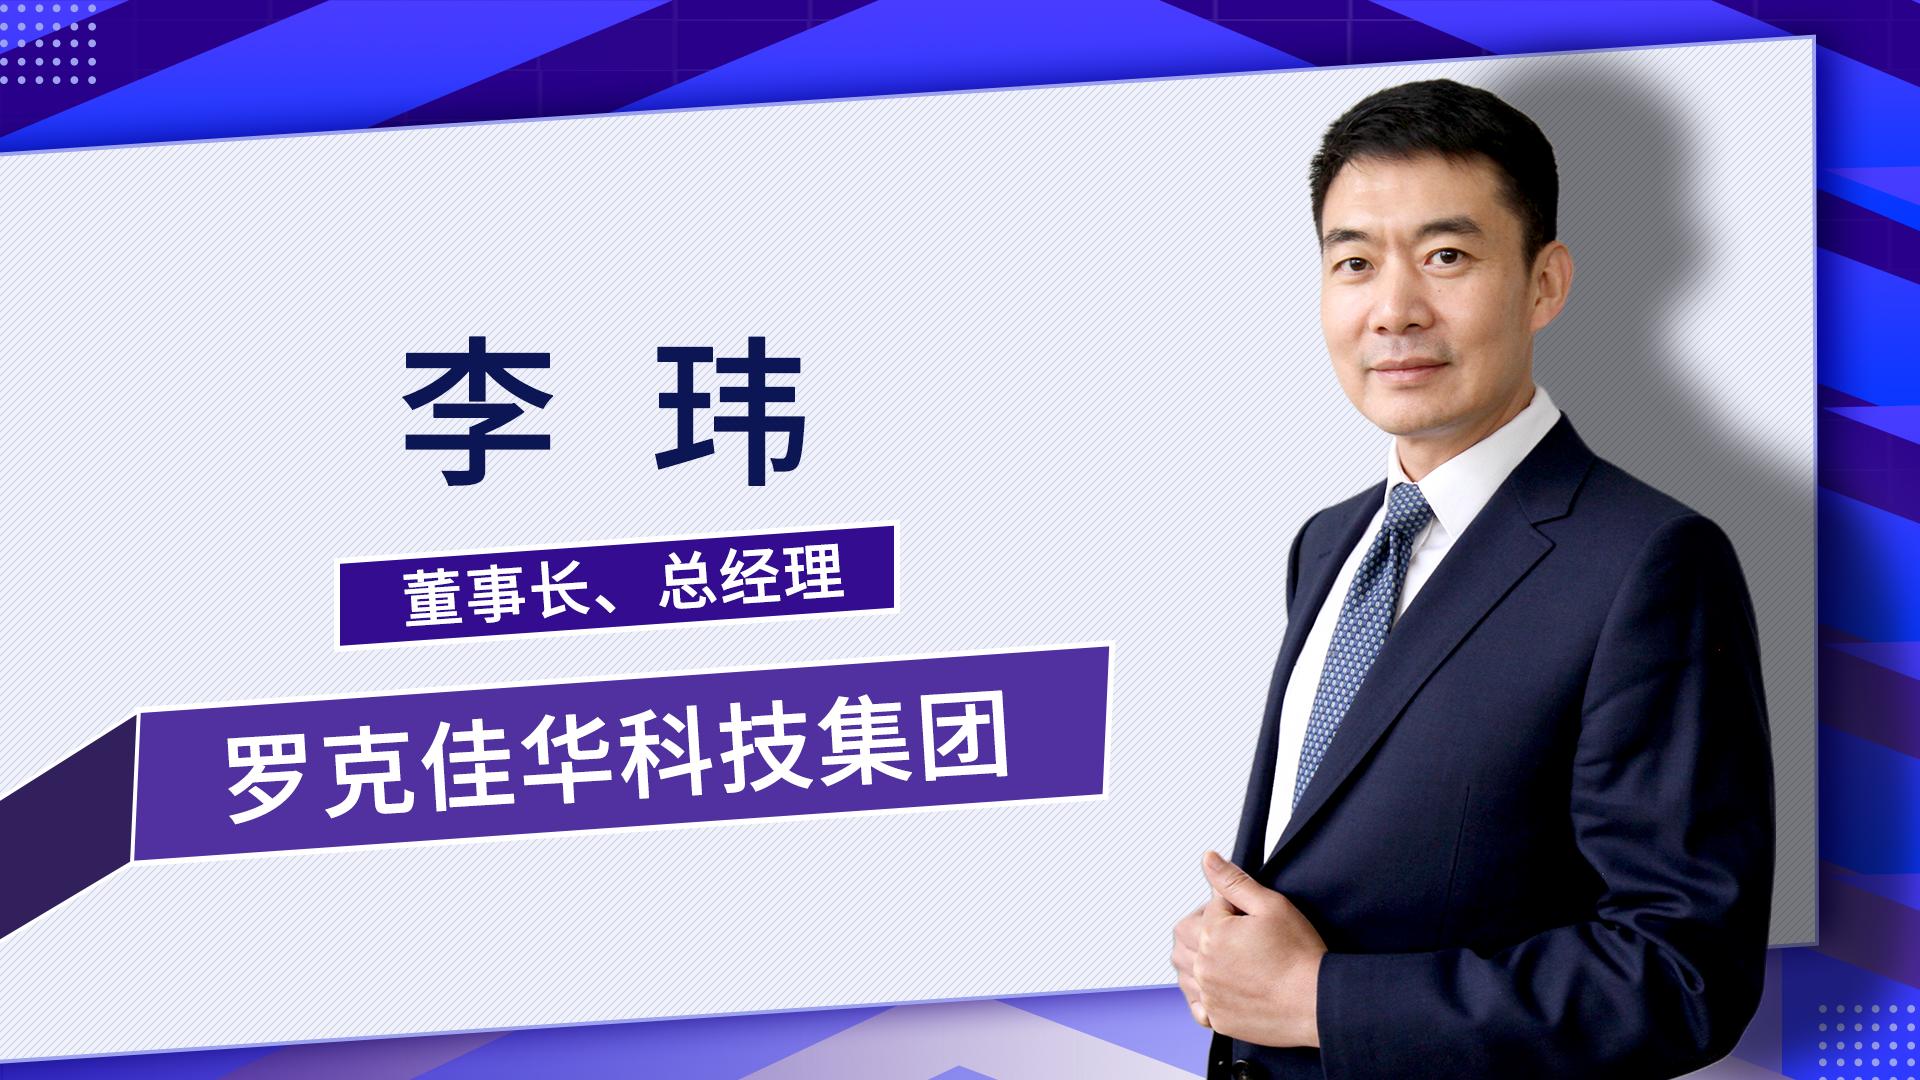 專訪羅克佳華科技集團董事長、總經理李瑋